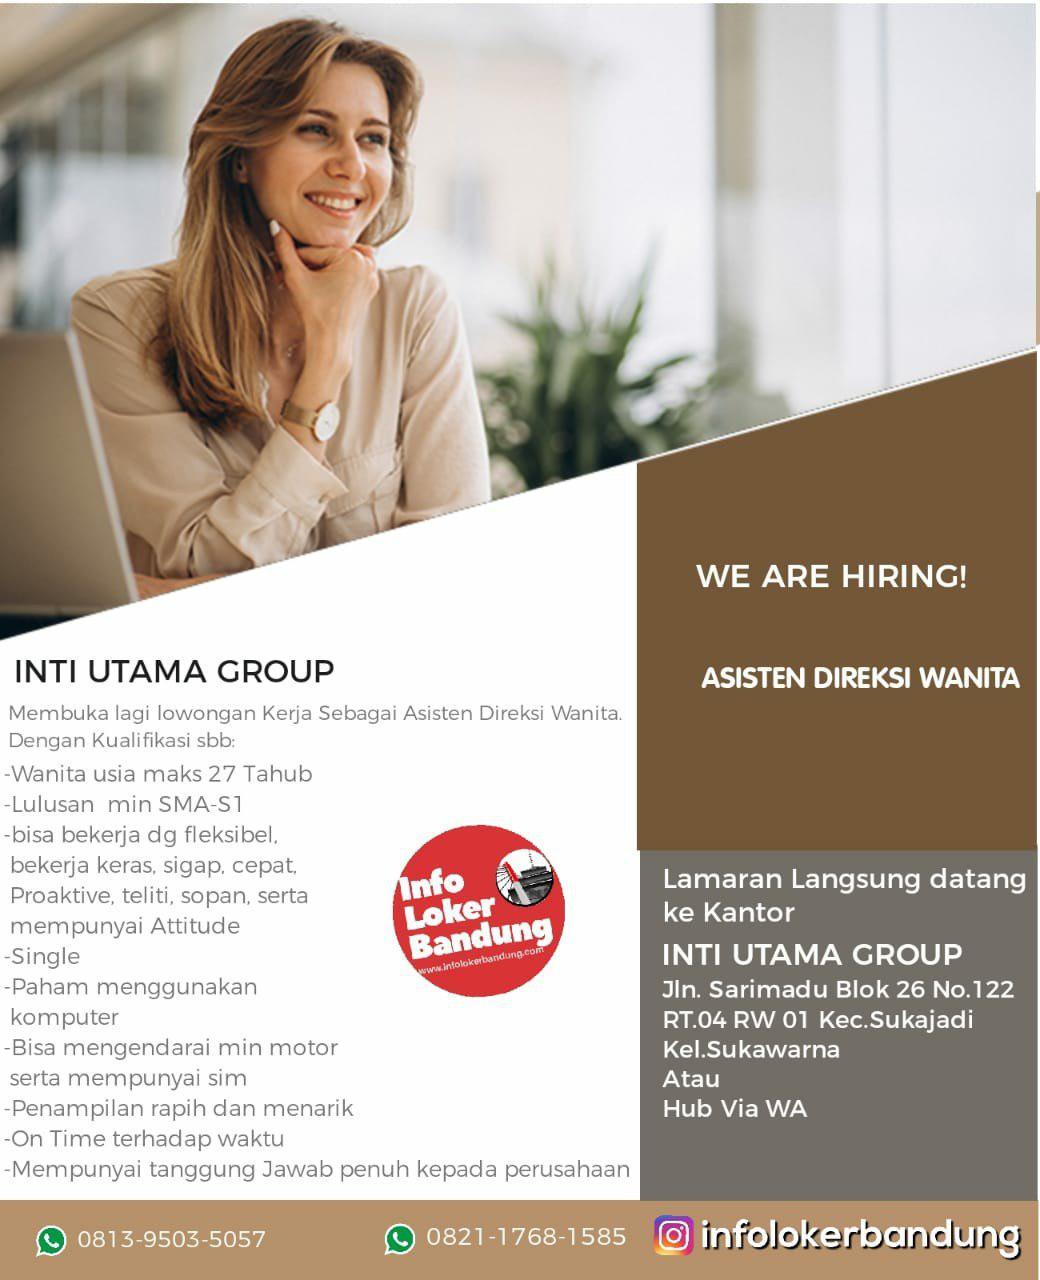 Lowongan Kerja Asisten Direksi Wanita Inti Utama Group Bandung Februari 2019